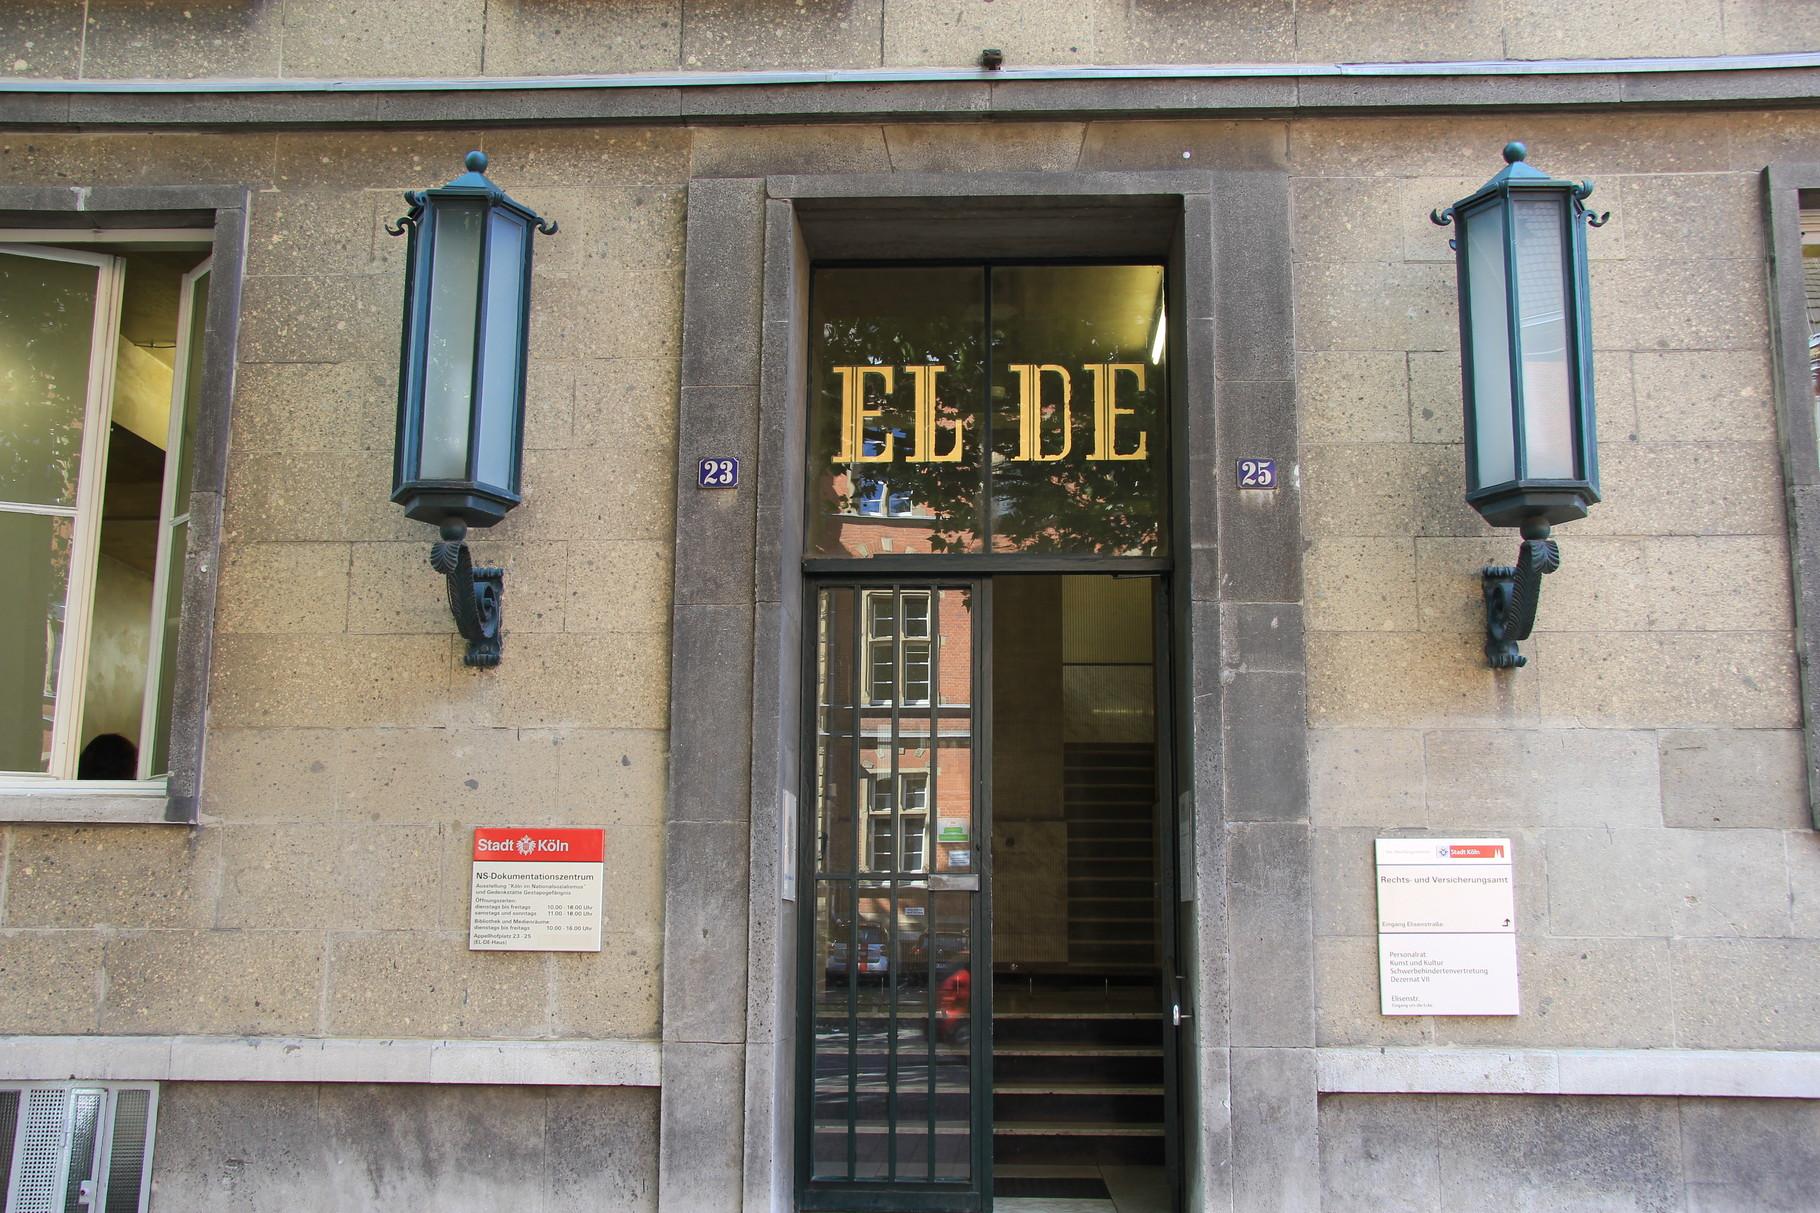 Führung Köln 1933-45 - El-De-Haus, ehemalige GeStaPo-Hauptquartier Köln (1935)